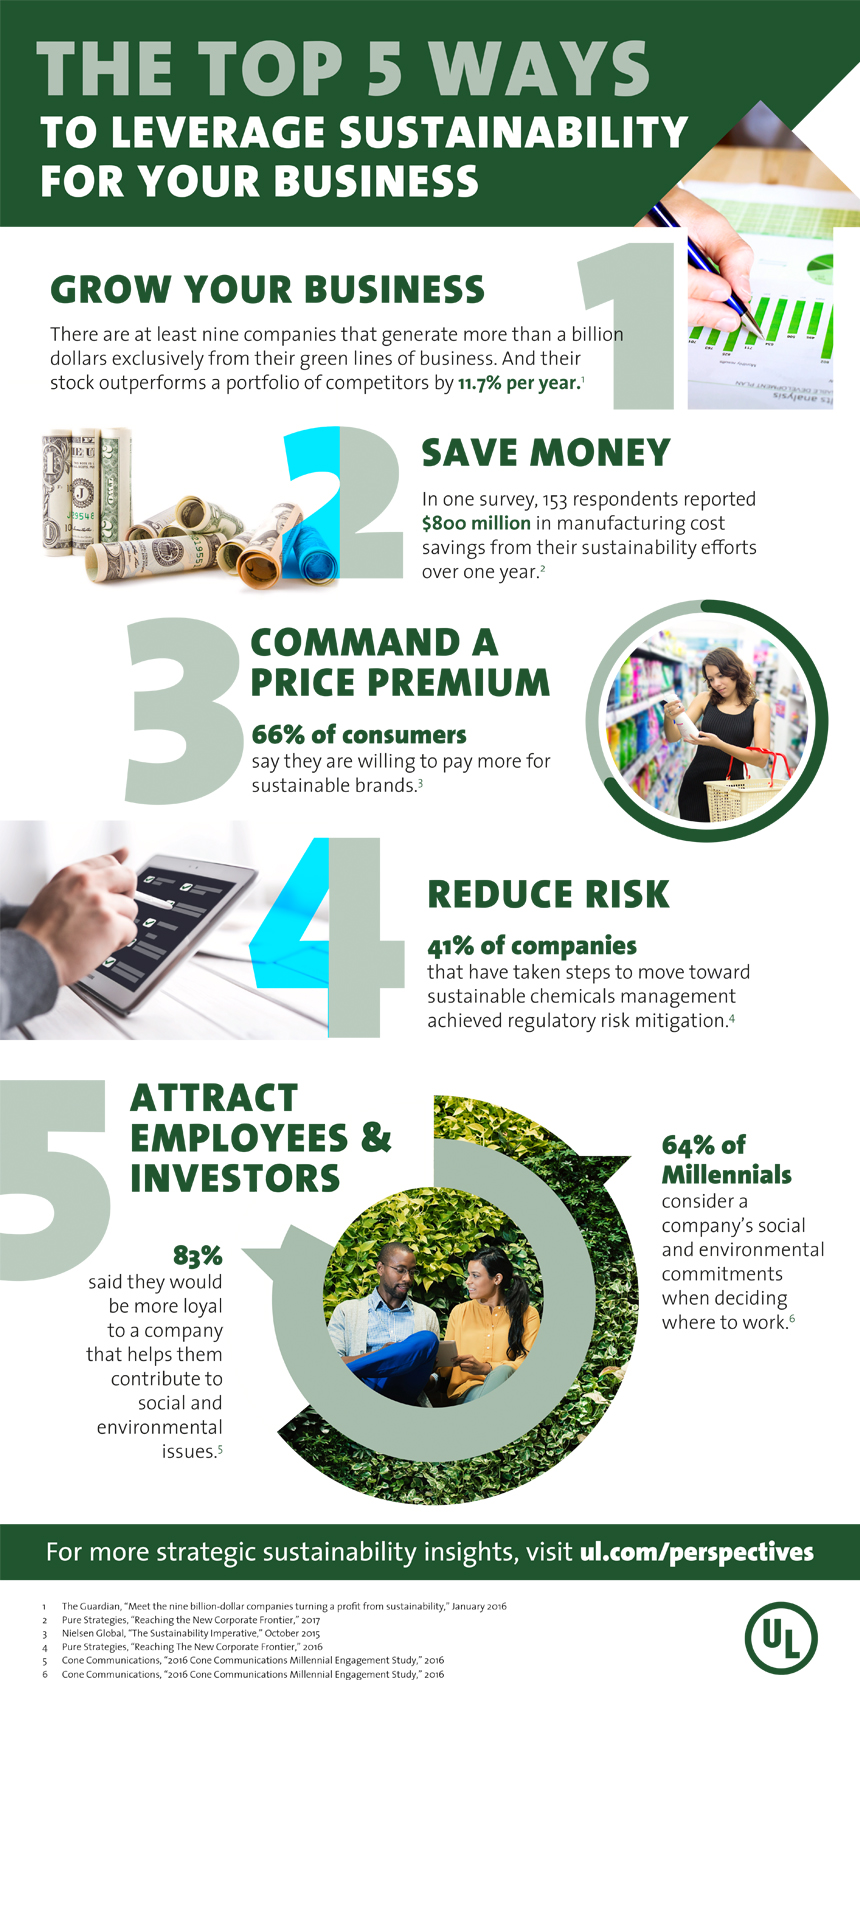 5 ways to leverage strategic sustainability